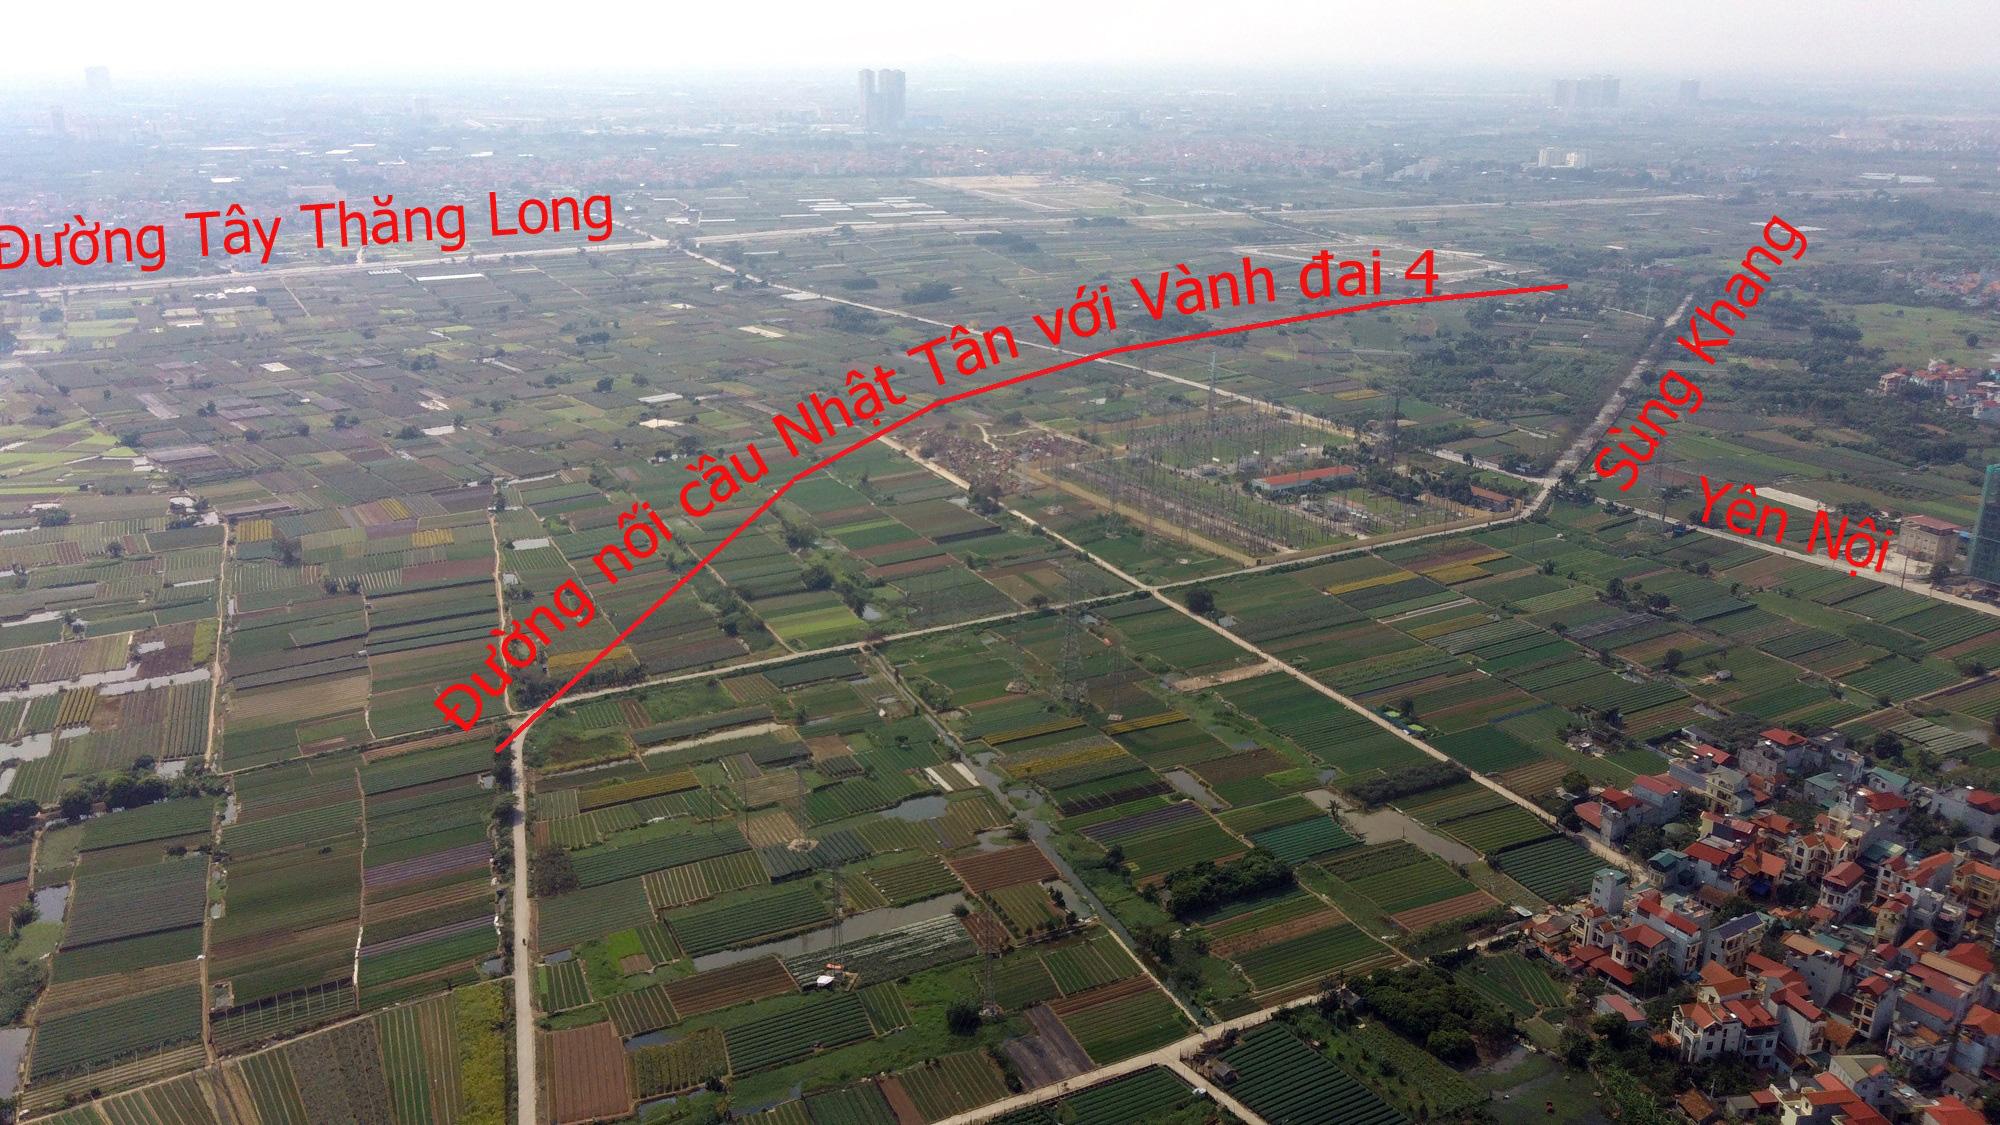 Đường sẽ mở theo qui hoạch: Toàn cảnh đường nối cầu Nhật Tân với Vành đai 4 - Ảnh 16.